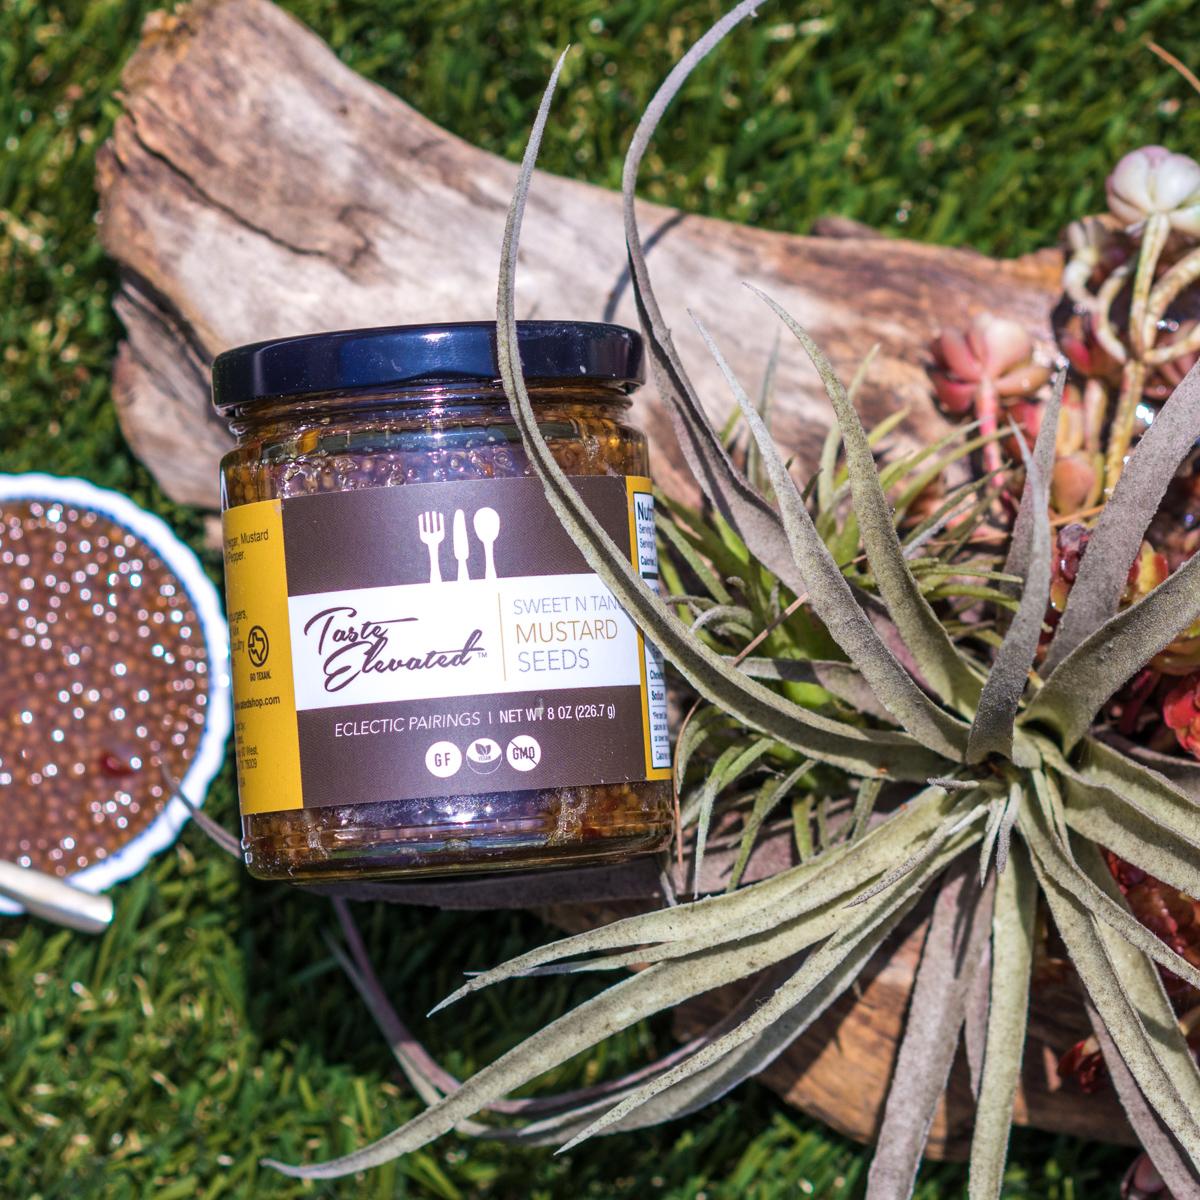 Taste Elevated Sweet'n'Tangy Mustard Seeds